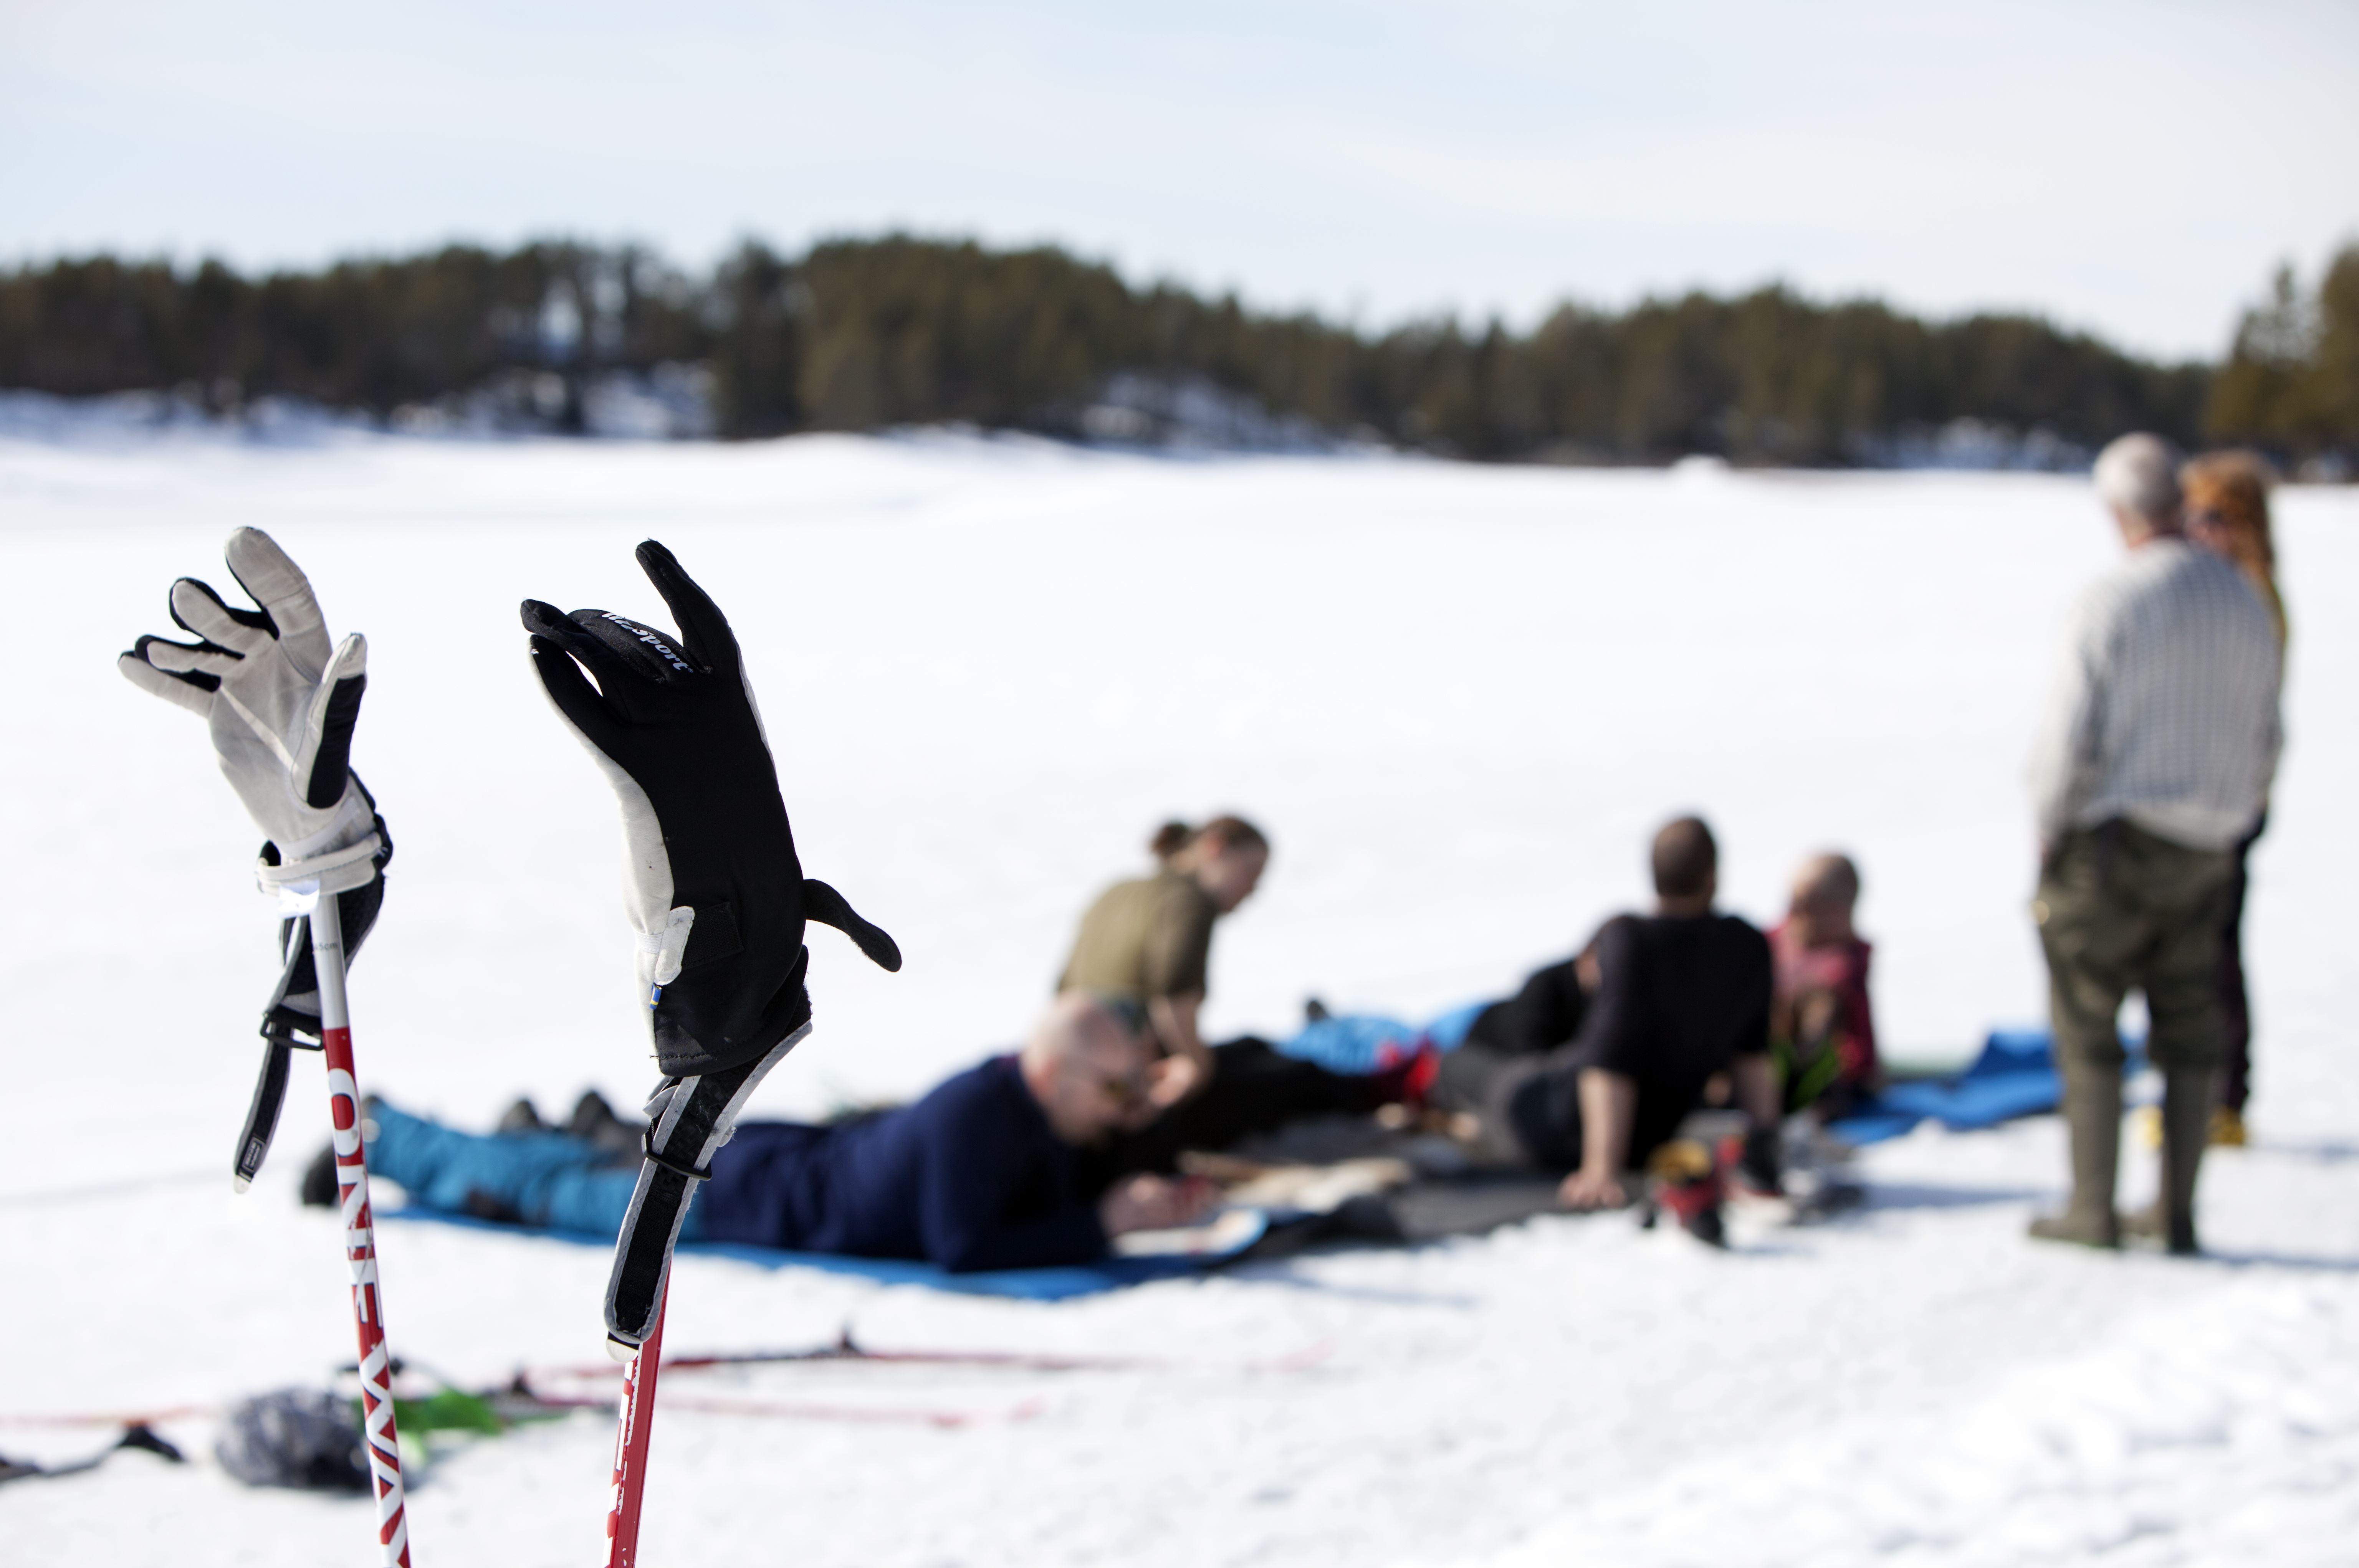 © Symbolbilder.se, Anderstorp Ski trail